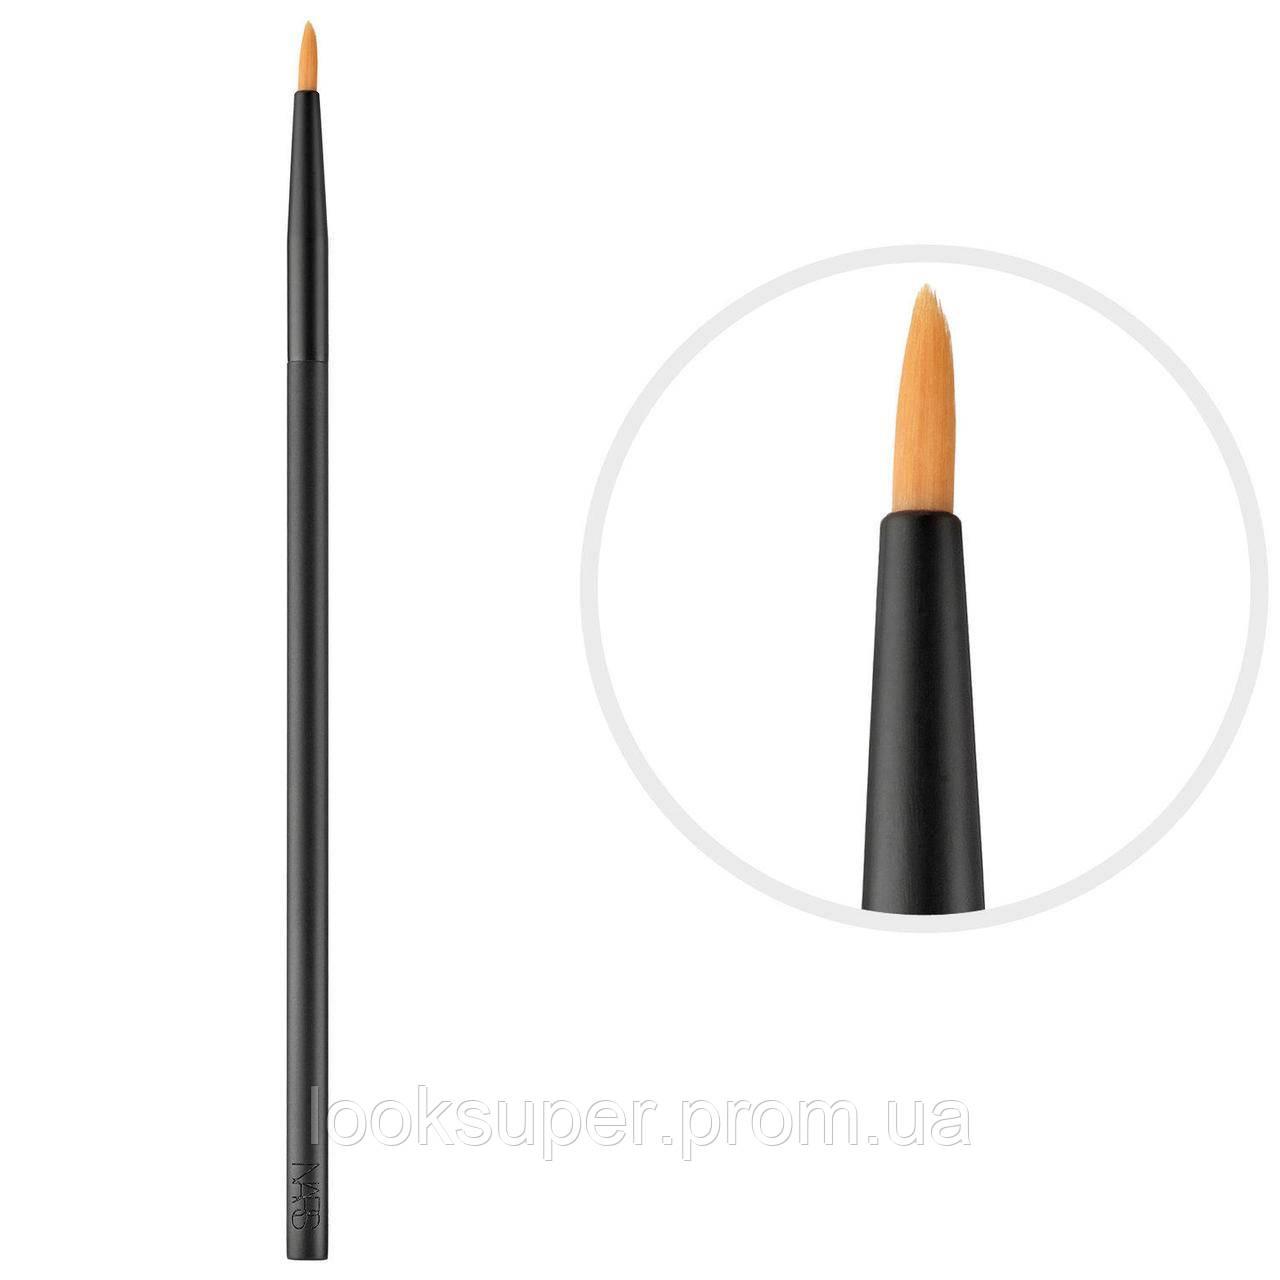 Кисть для консилера NARS Precision blending brush #13